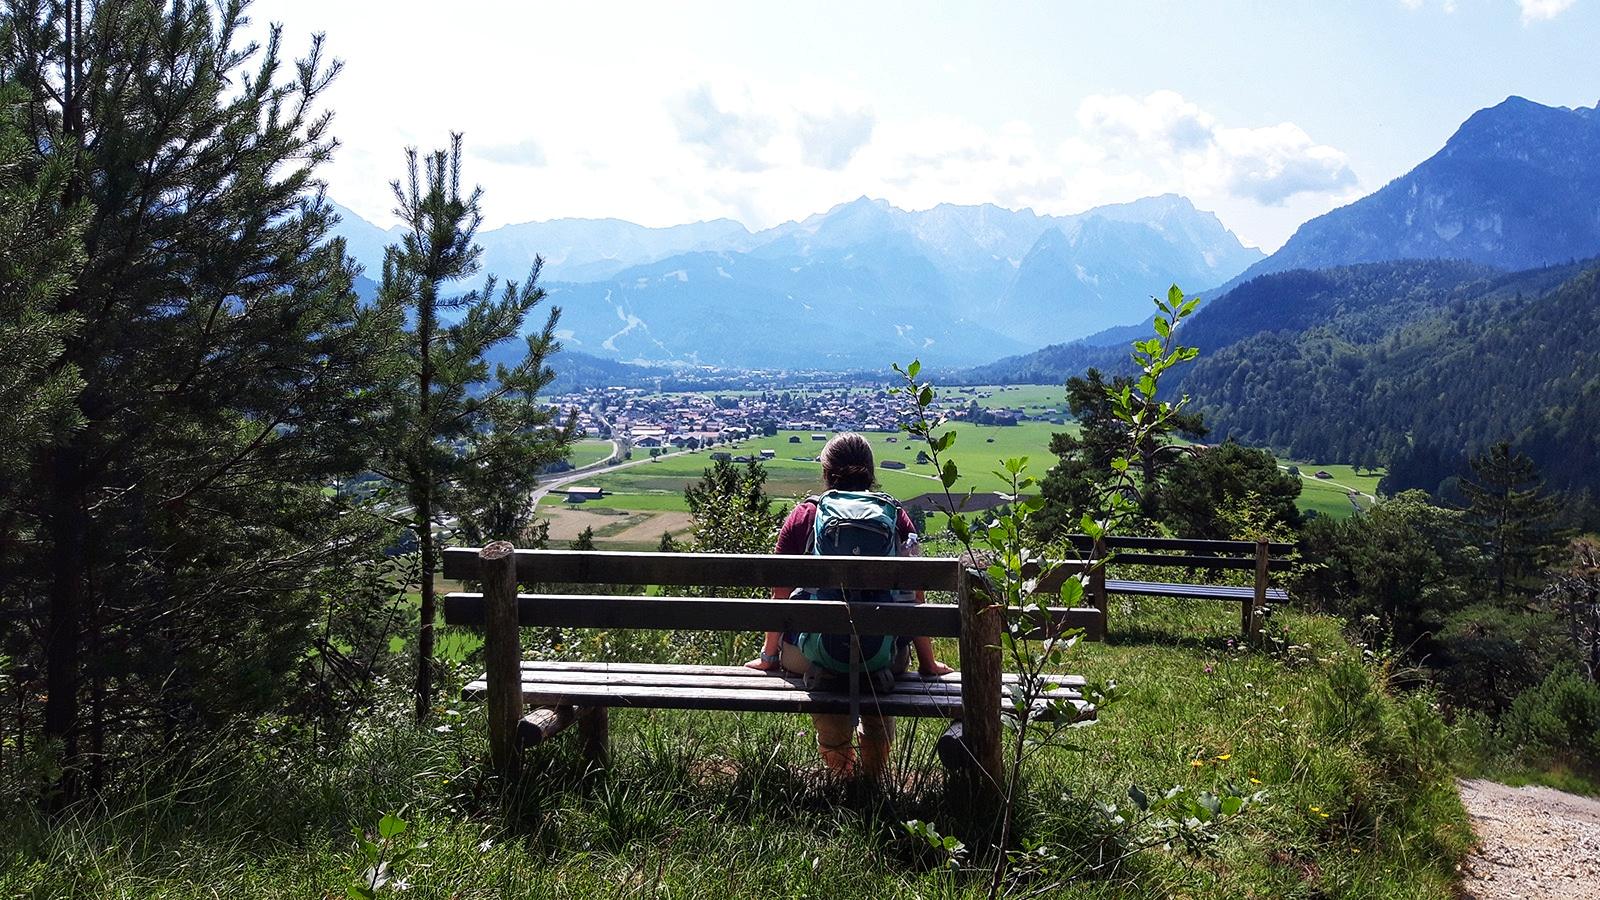 Wanderin pausiert auf einer Bank mit Aussichts in Tal und auf Berge